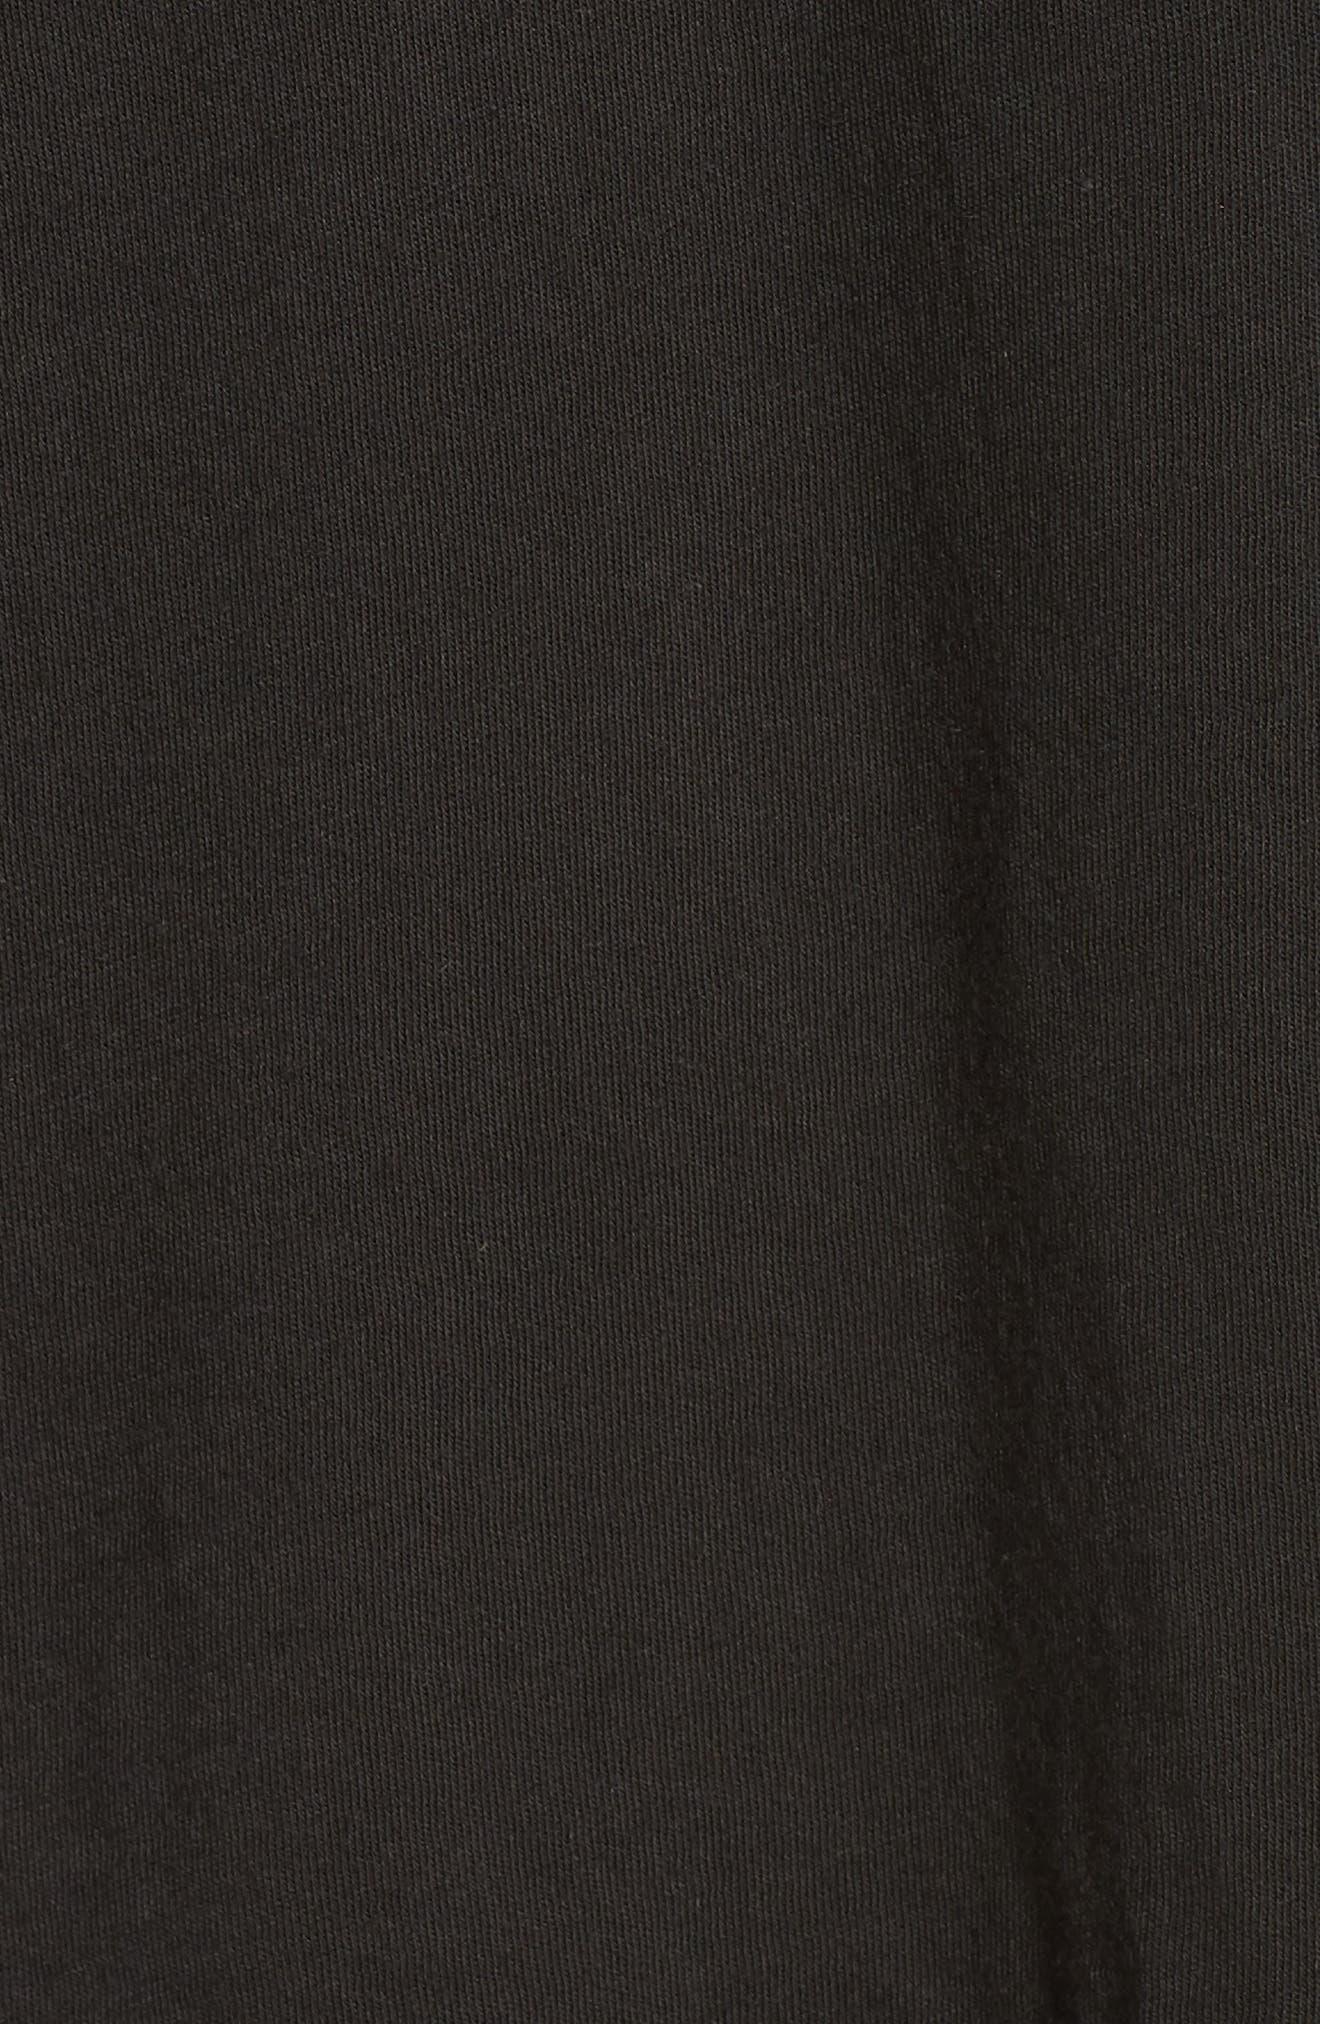 Dove Cotton BlendTank Top,                             Alternate thumbnail 5, color,                             VINTAGE BLACK